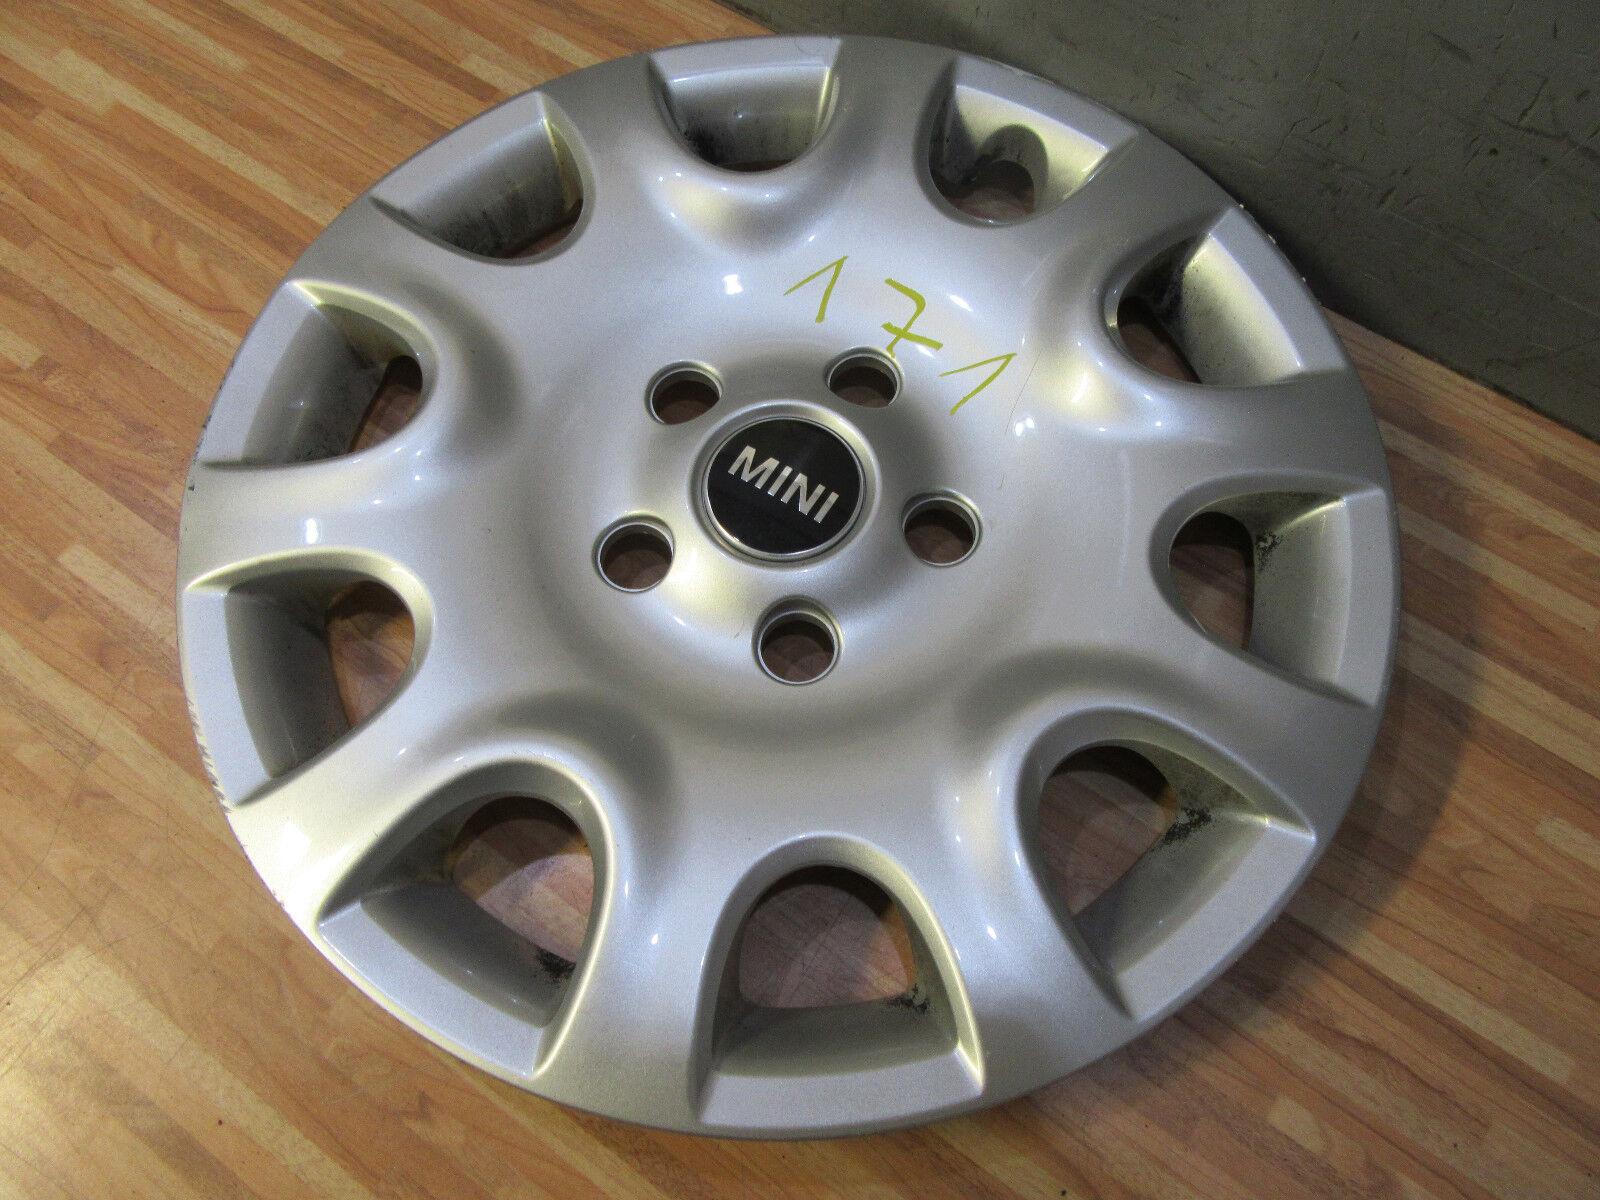 MINI F55 F56 15 Zoll Radkappe Radzierblende Mini 6854171 Raddeckel MK31051707